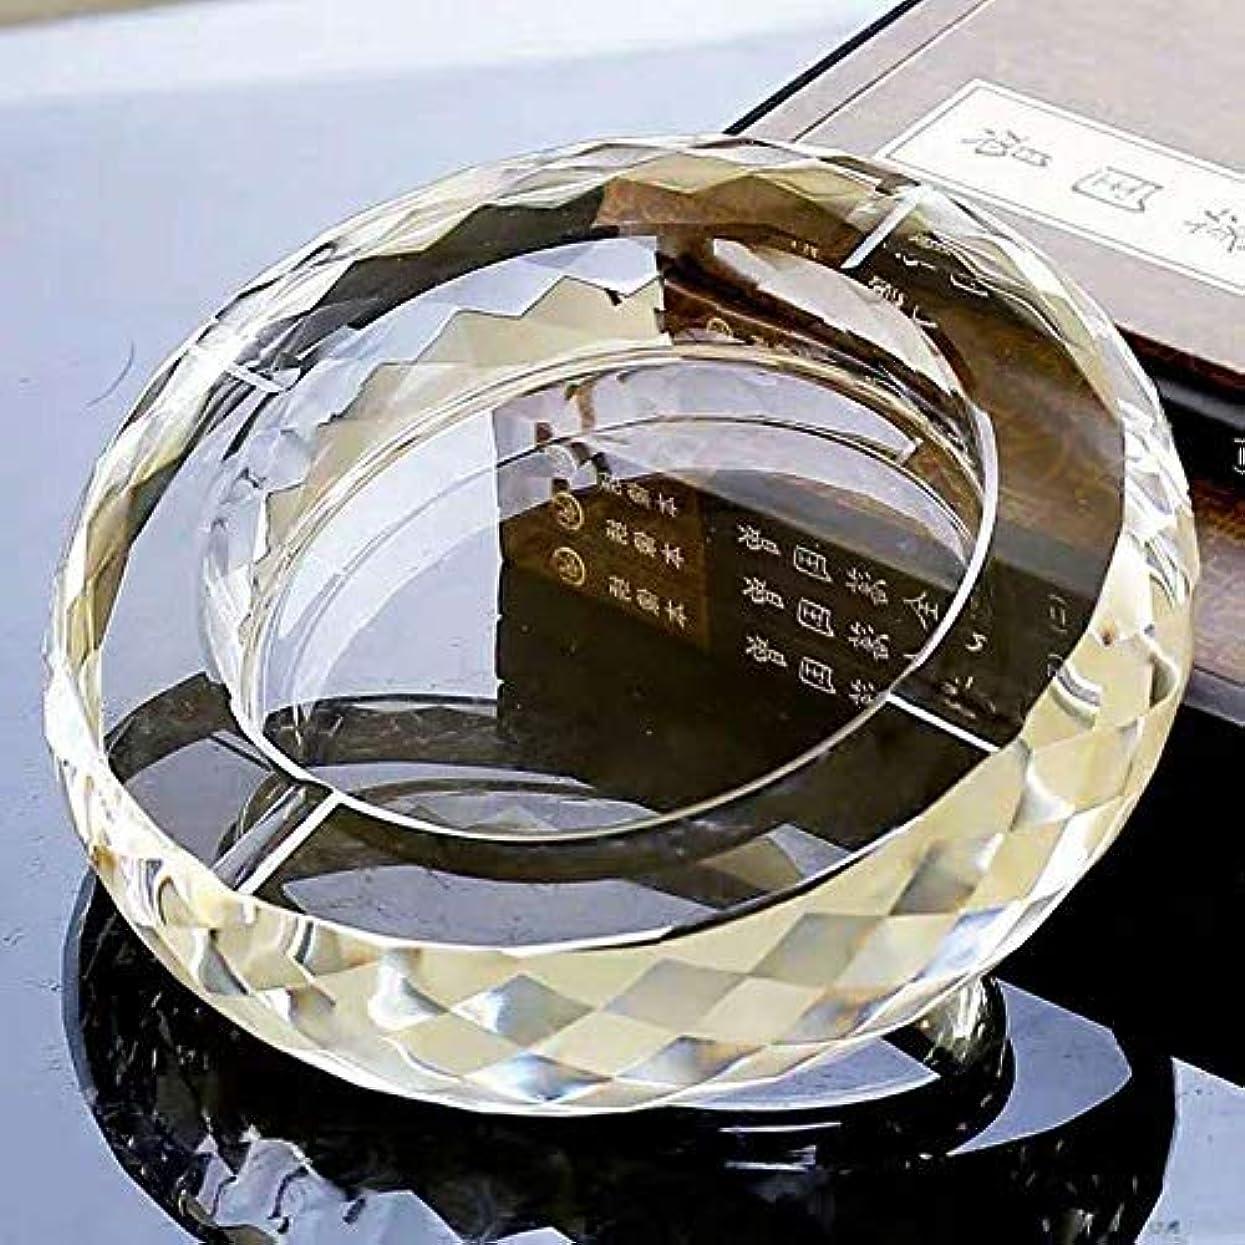 あらゆる種類の刃サイレントK9クリスタル灰皿、テーブル用のエレガントな灰皿、屋外用の透明度の高い灰皿、小売パッケージ付きの新築祝いギフト(多角形)